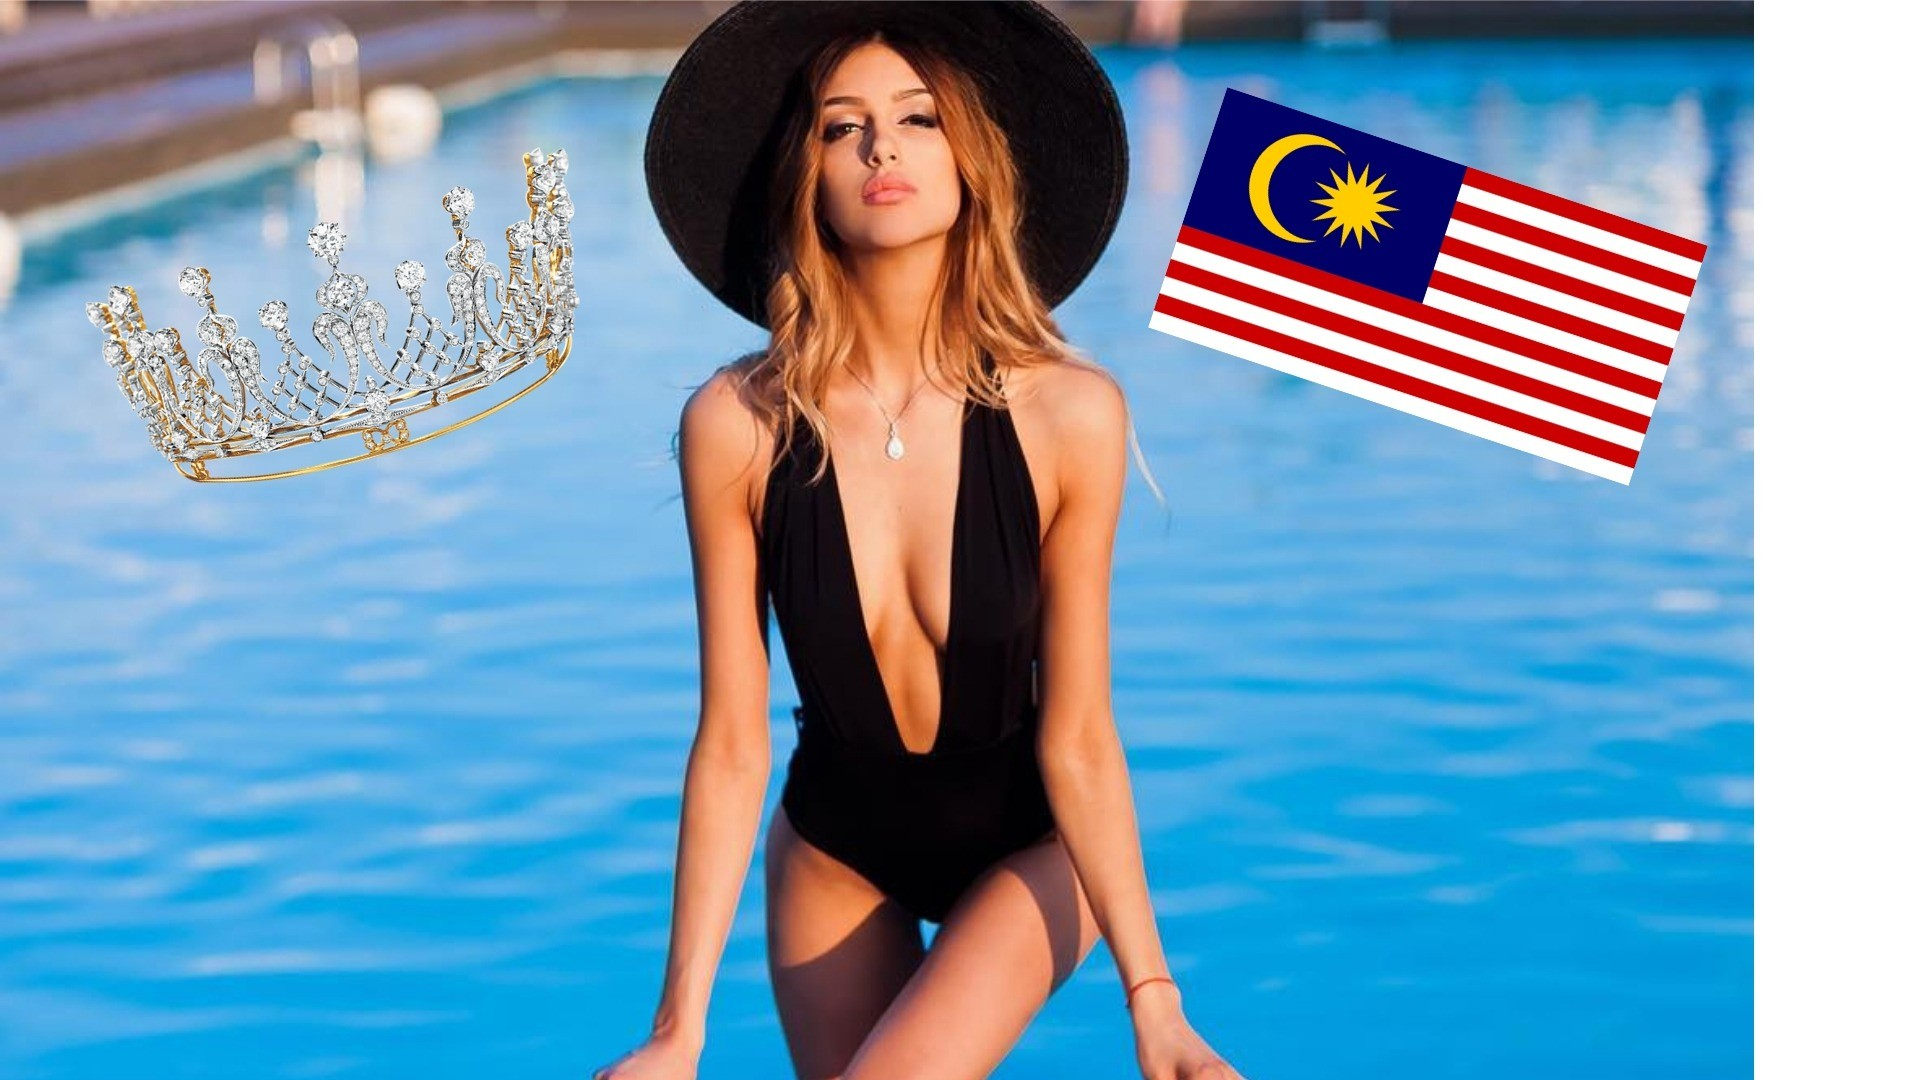 Что мы знаем об экс-супруге короля Малайзии Оксане Воеводиной?